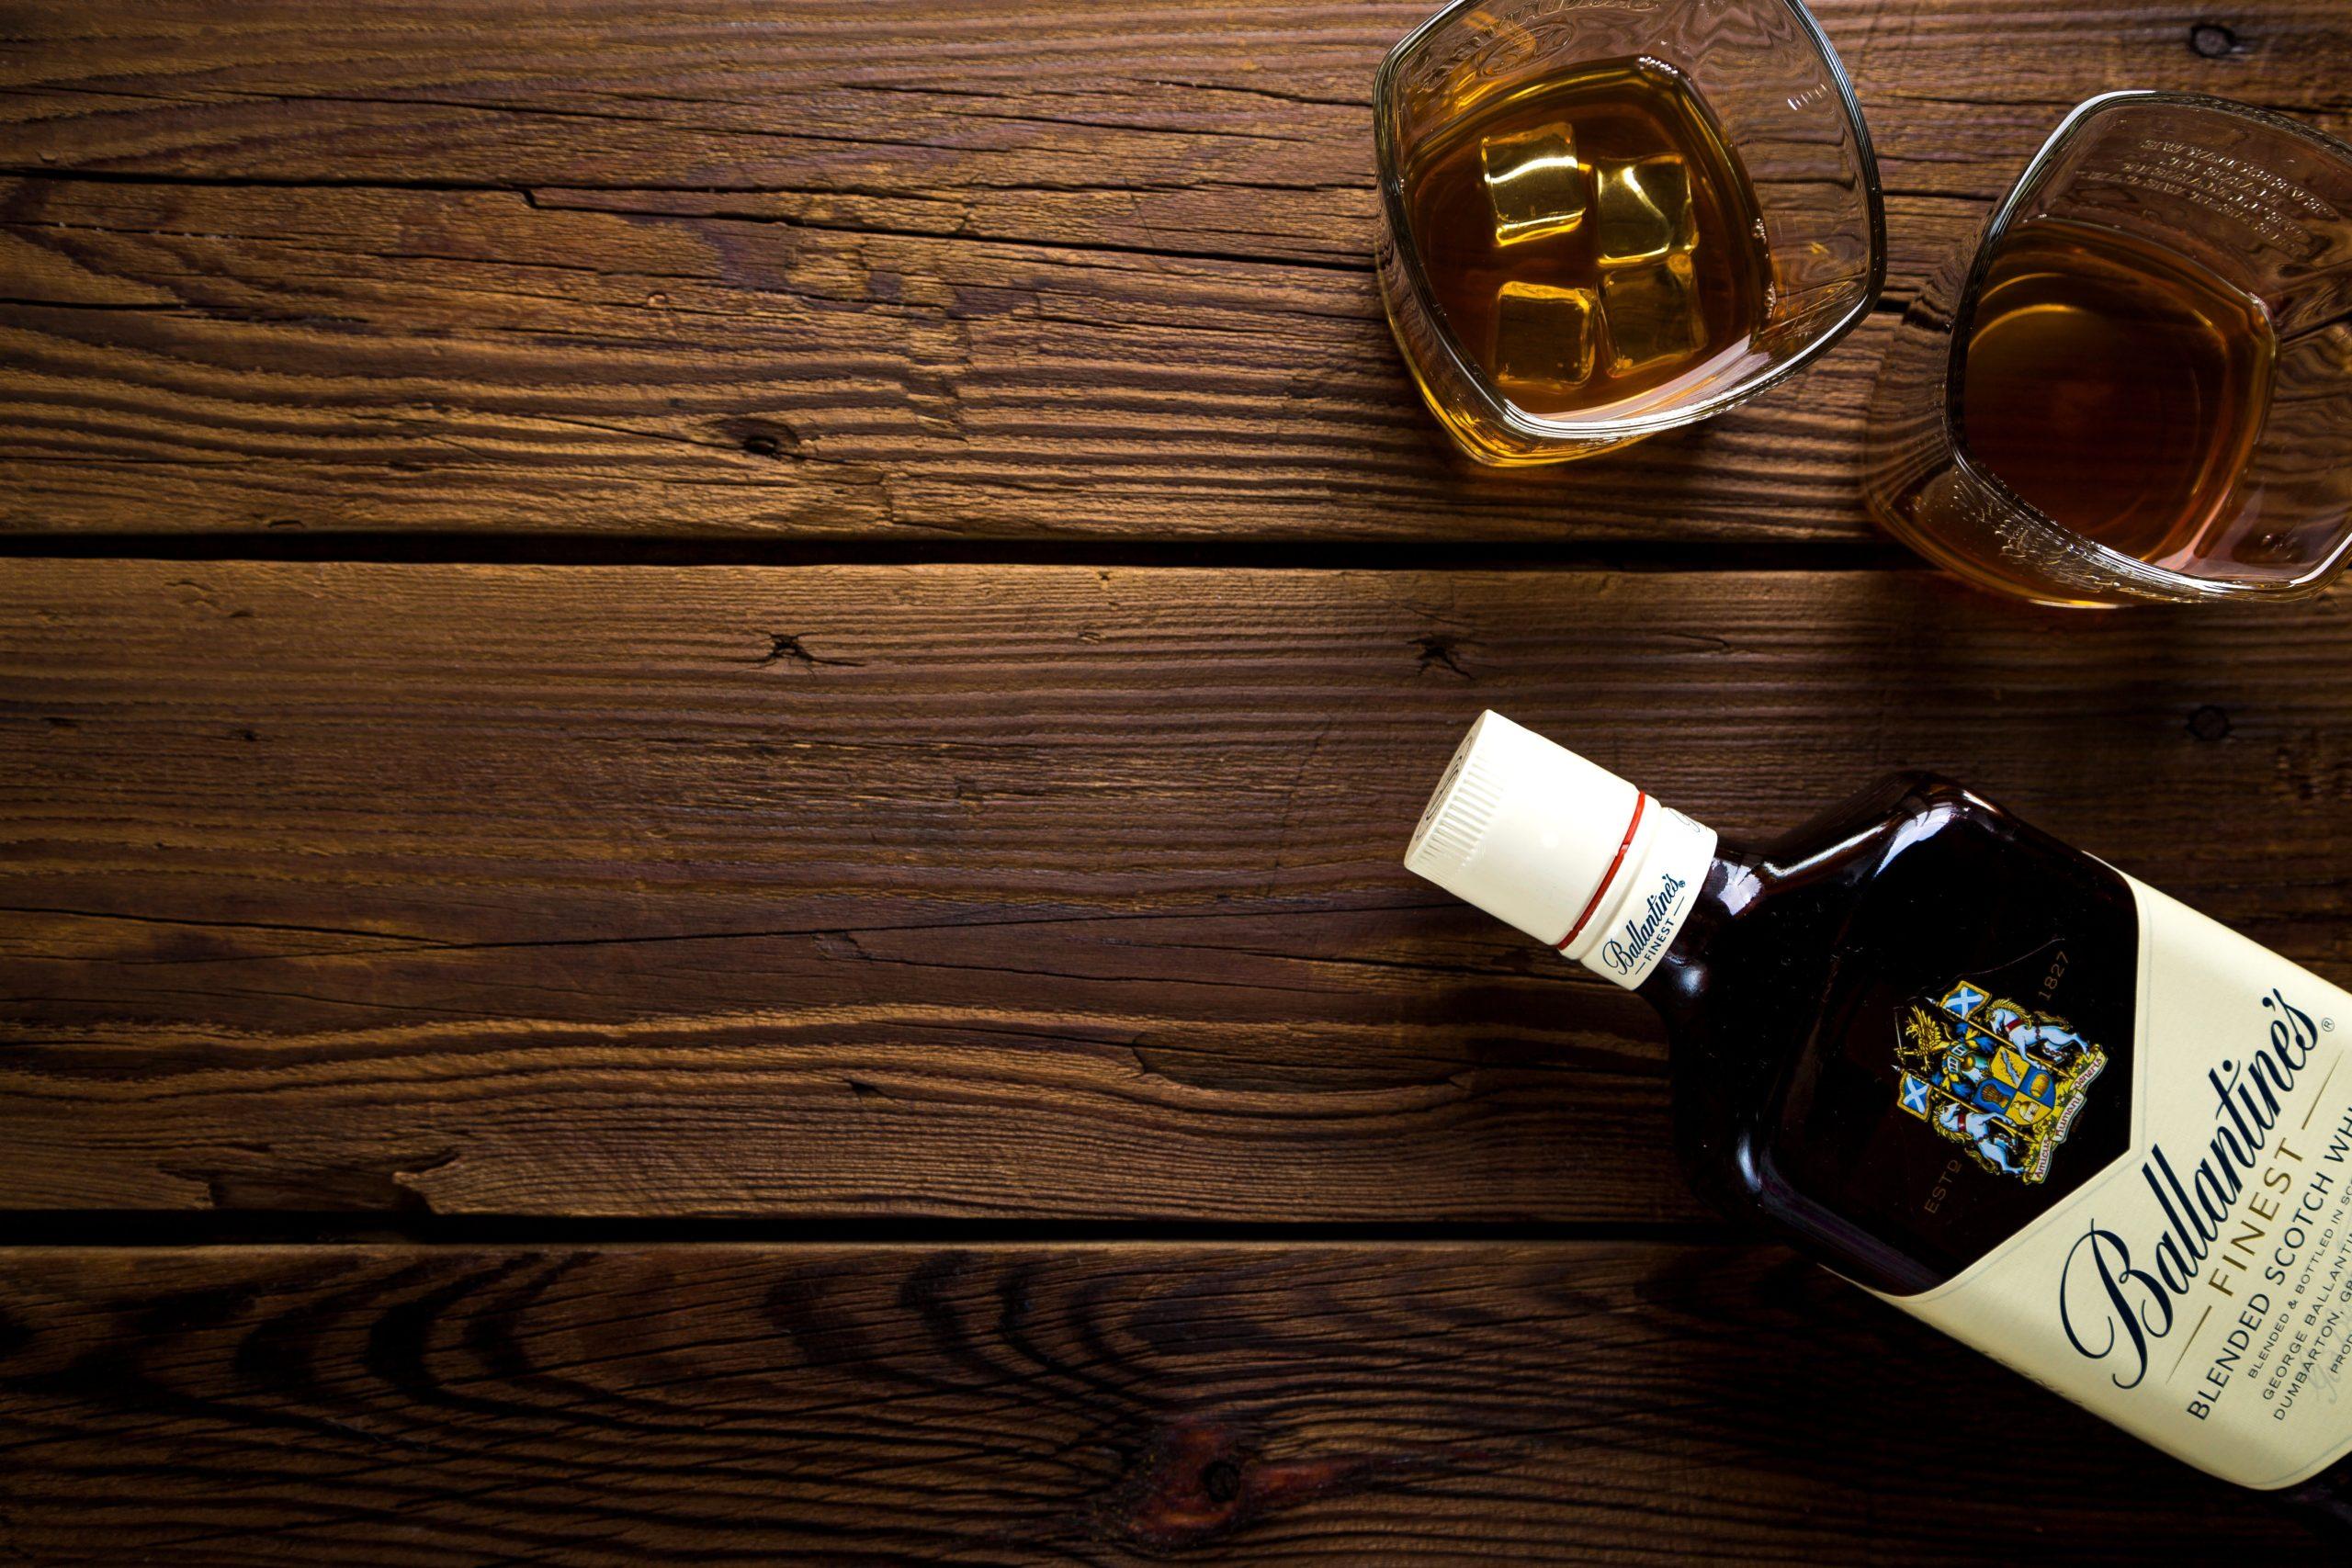 L'effet de l'alcool sur la santé